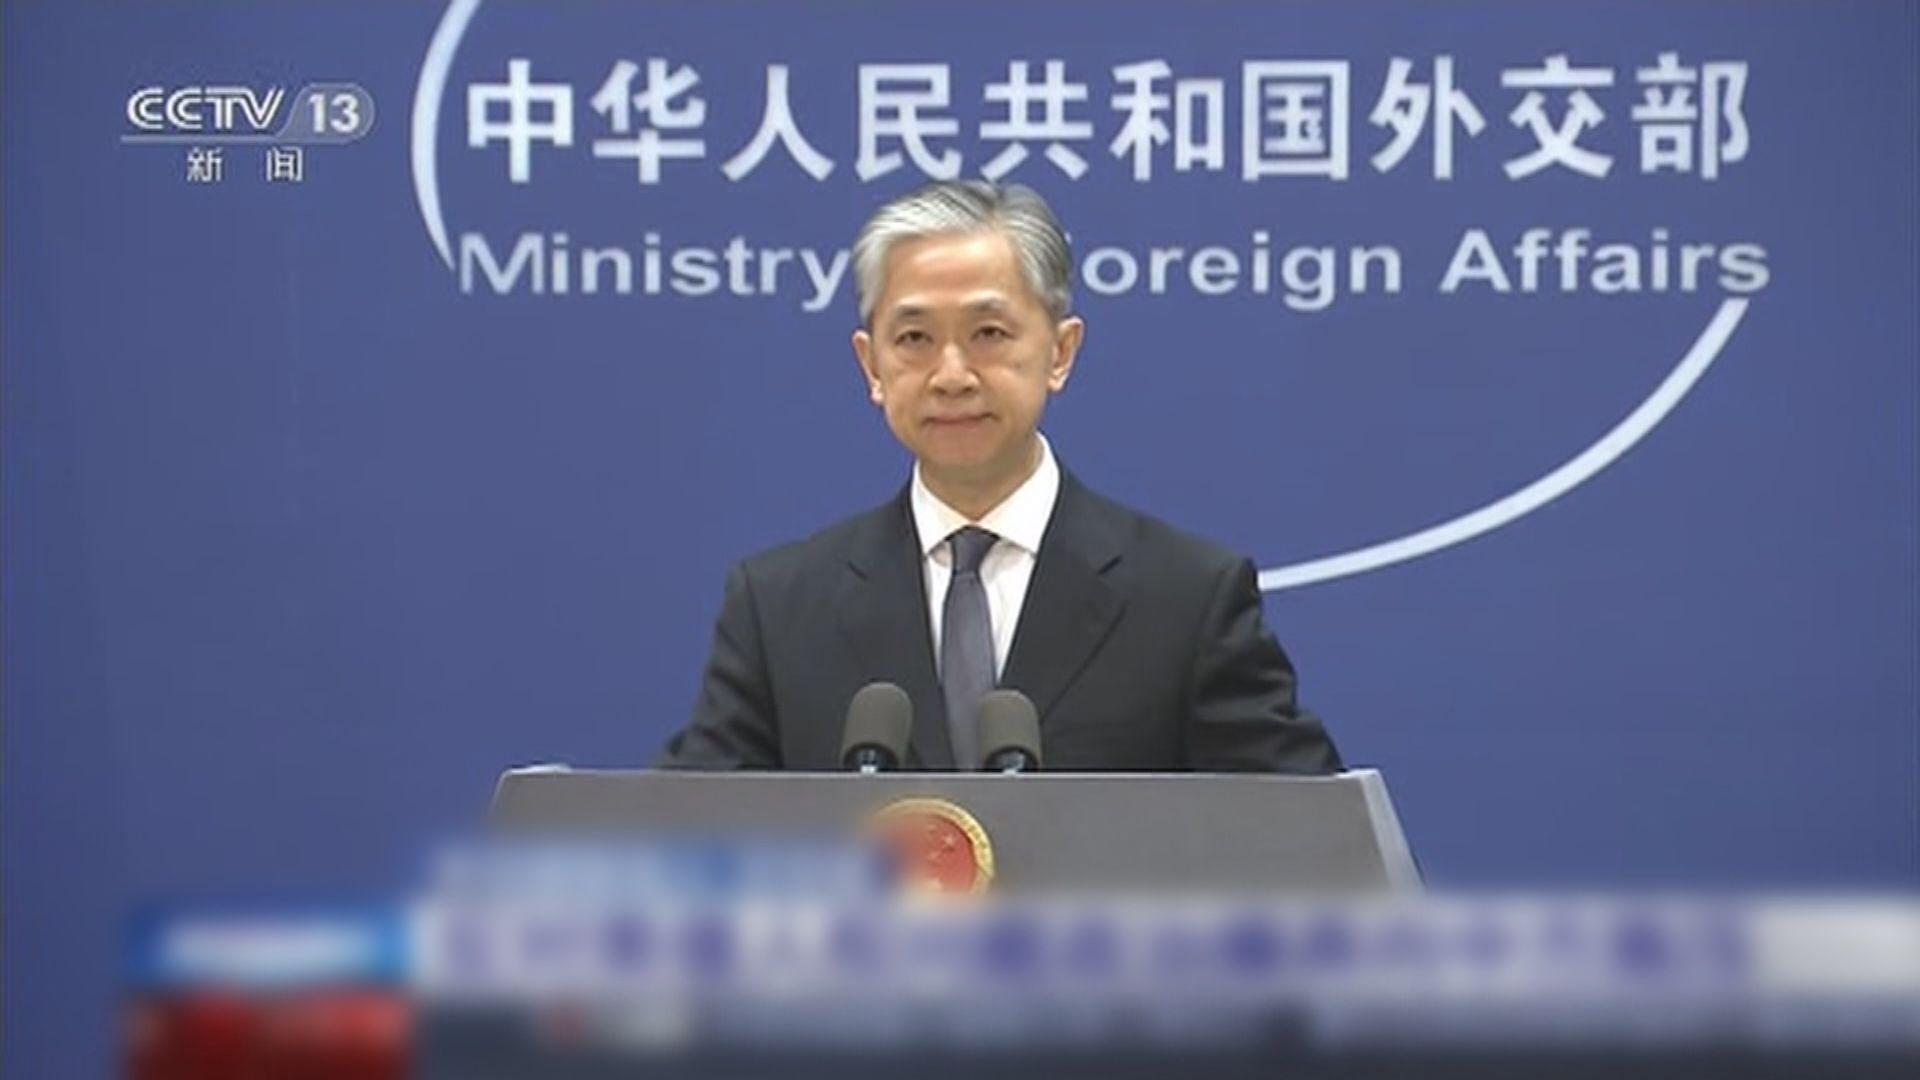 外交部:堅決反對英國以涉疆議題攻擊抹黑中國